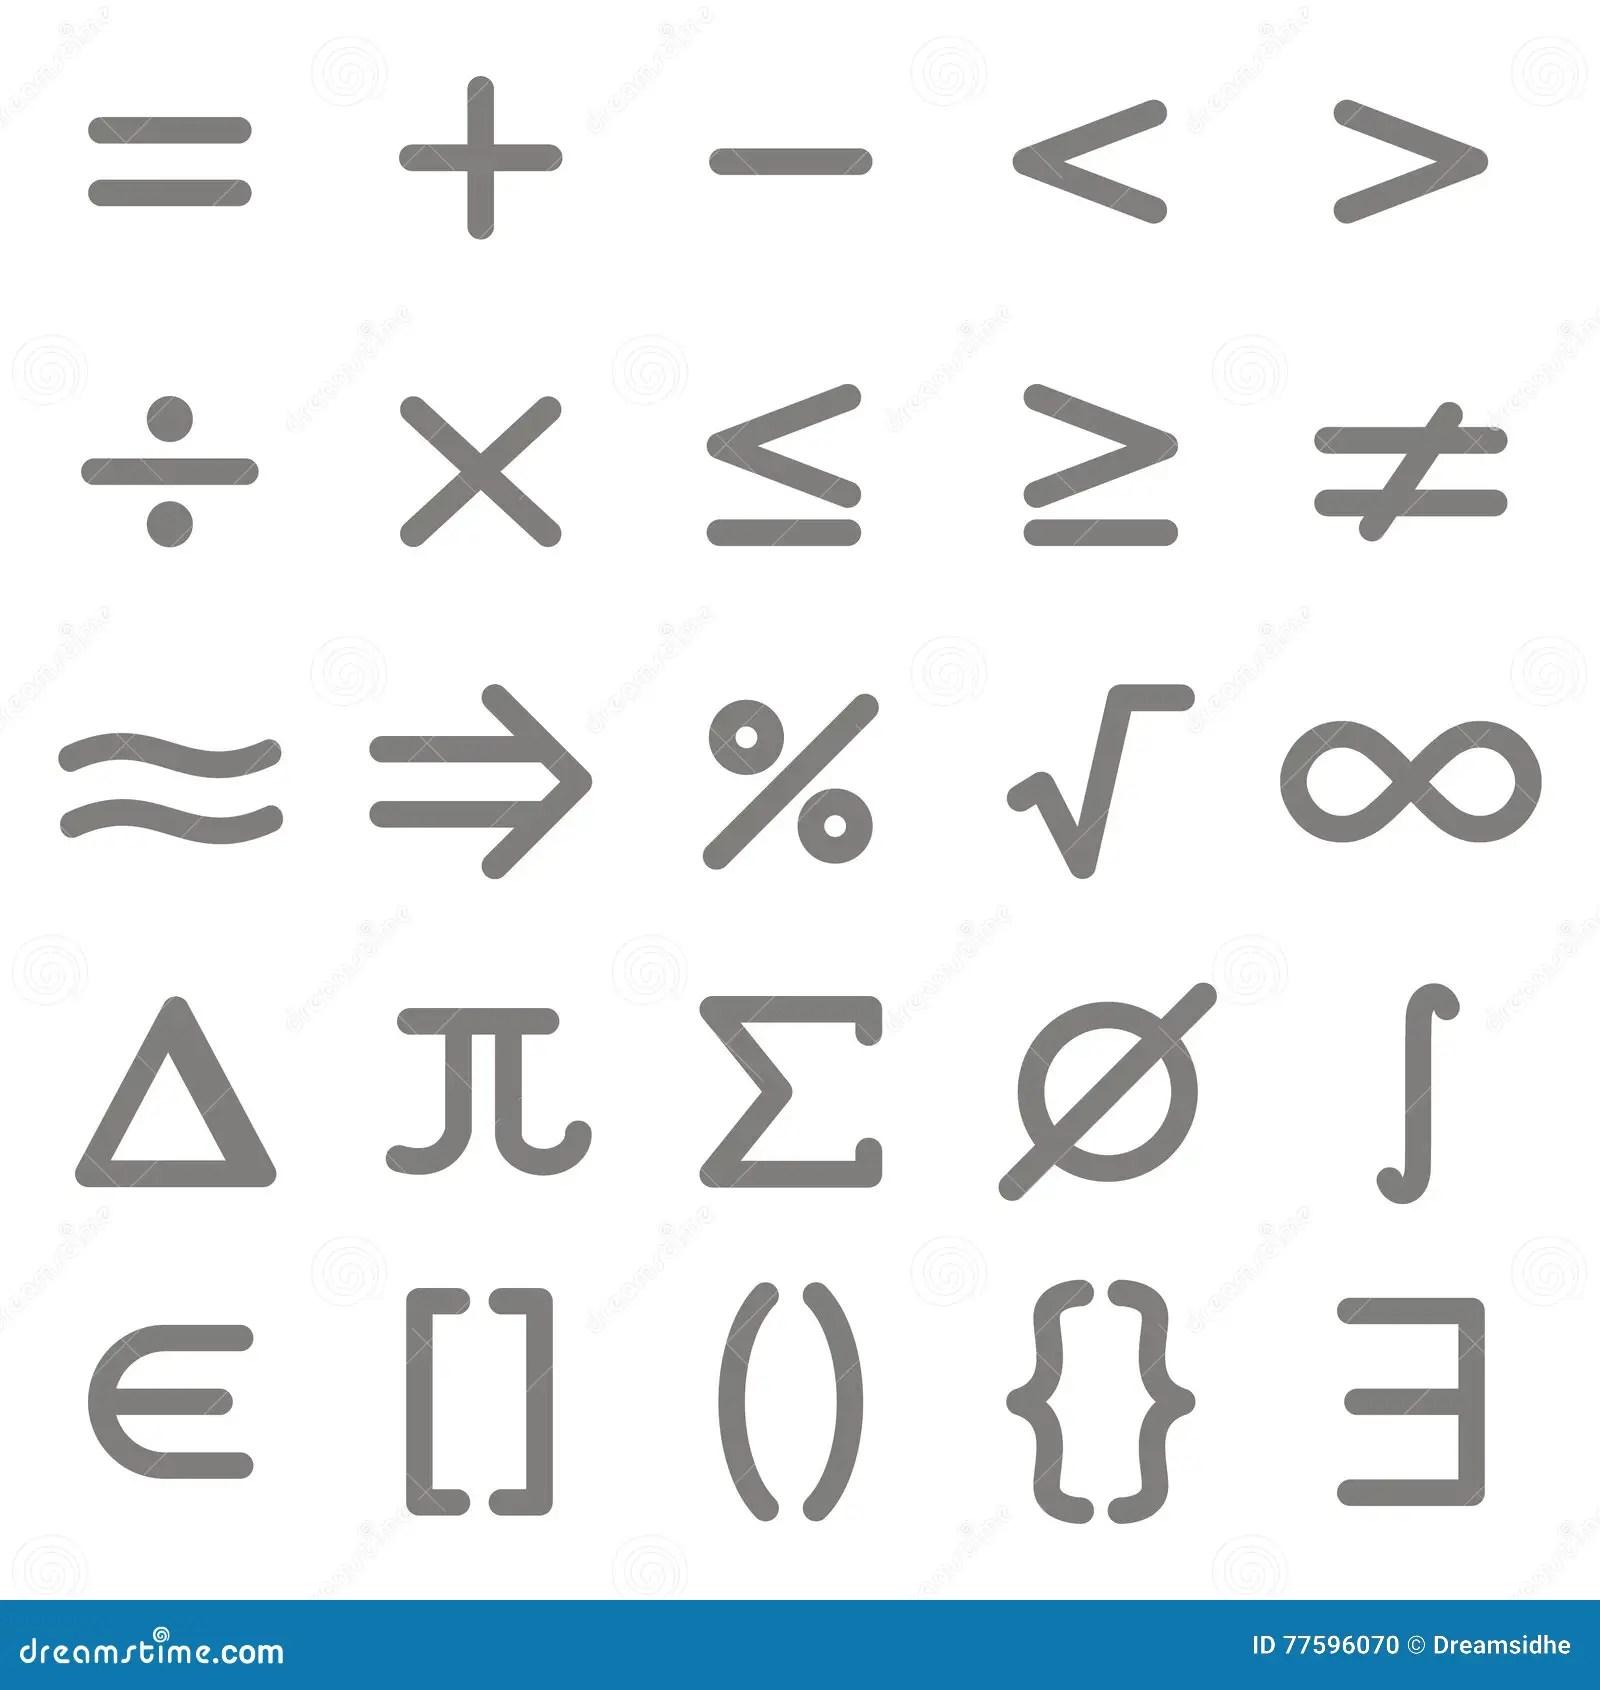 Uppsattning Av Monokromma Symboler Med Matematiska Symboler Vektor Illustrationer